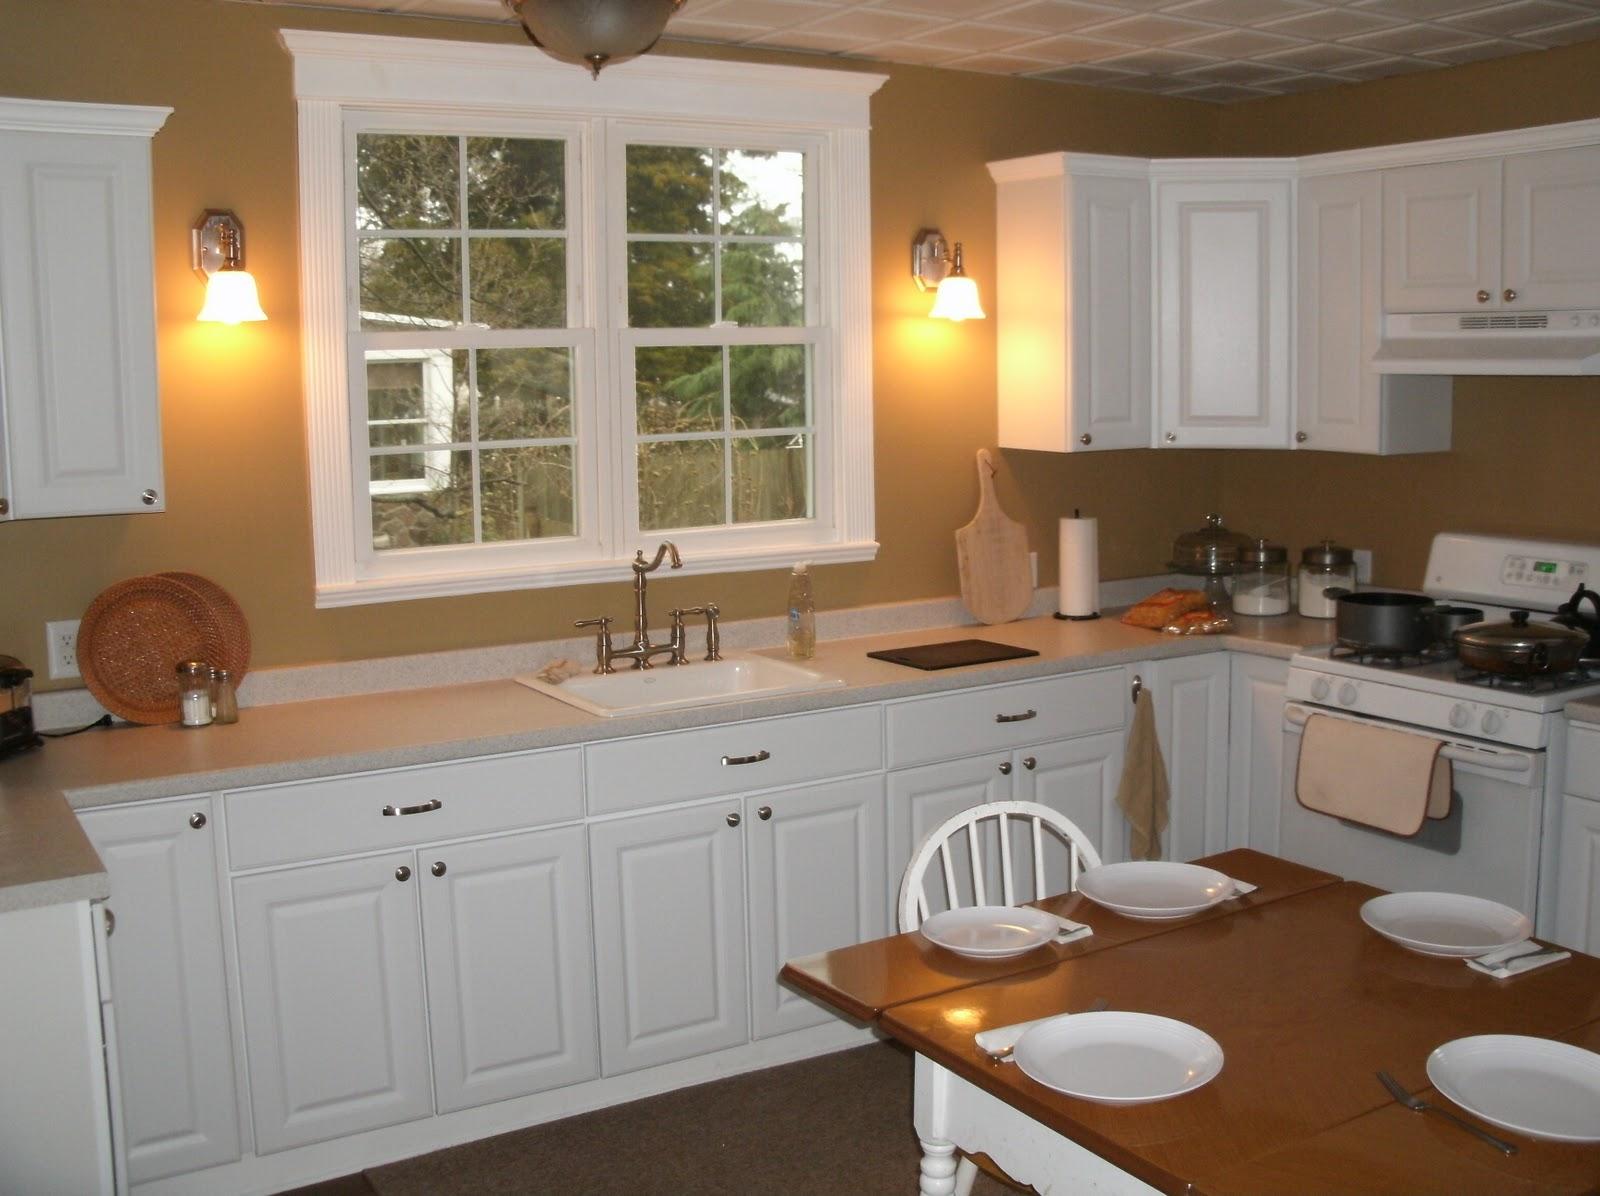 small kitchen renovation cost photo - 2